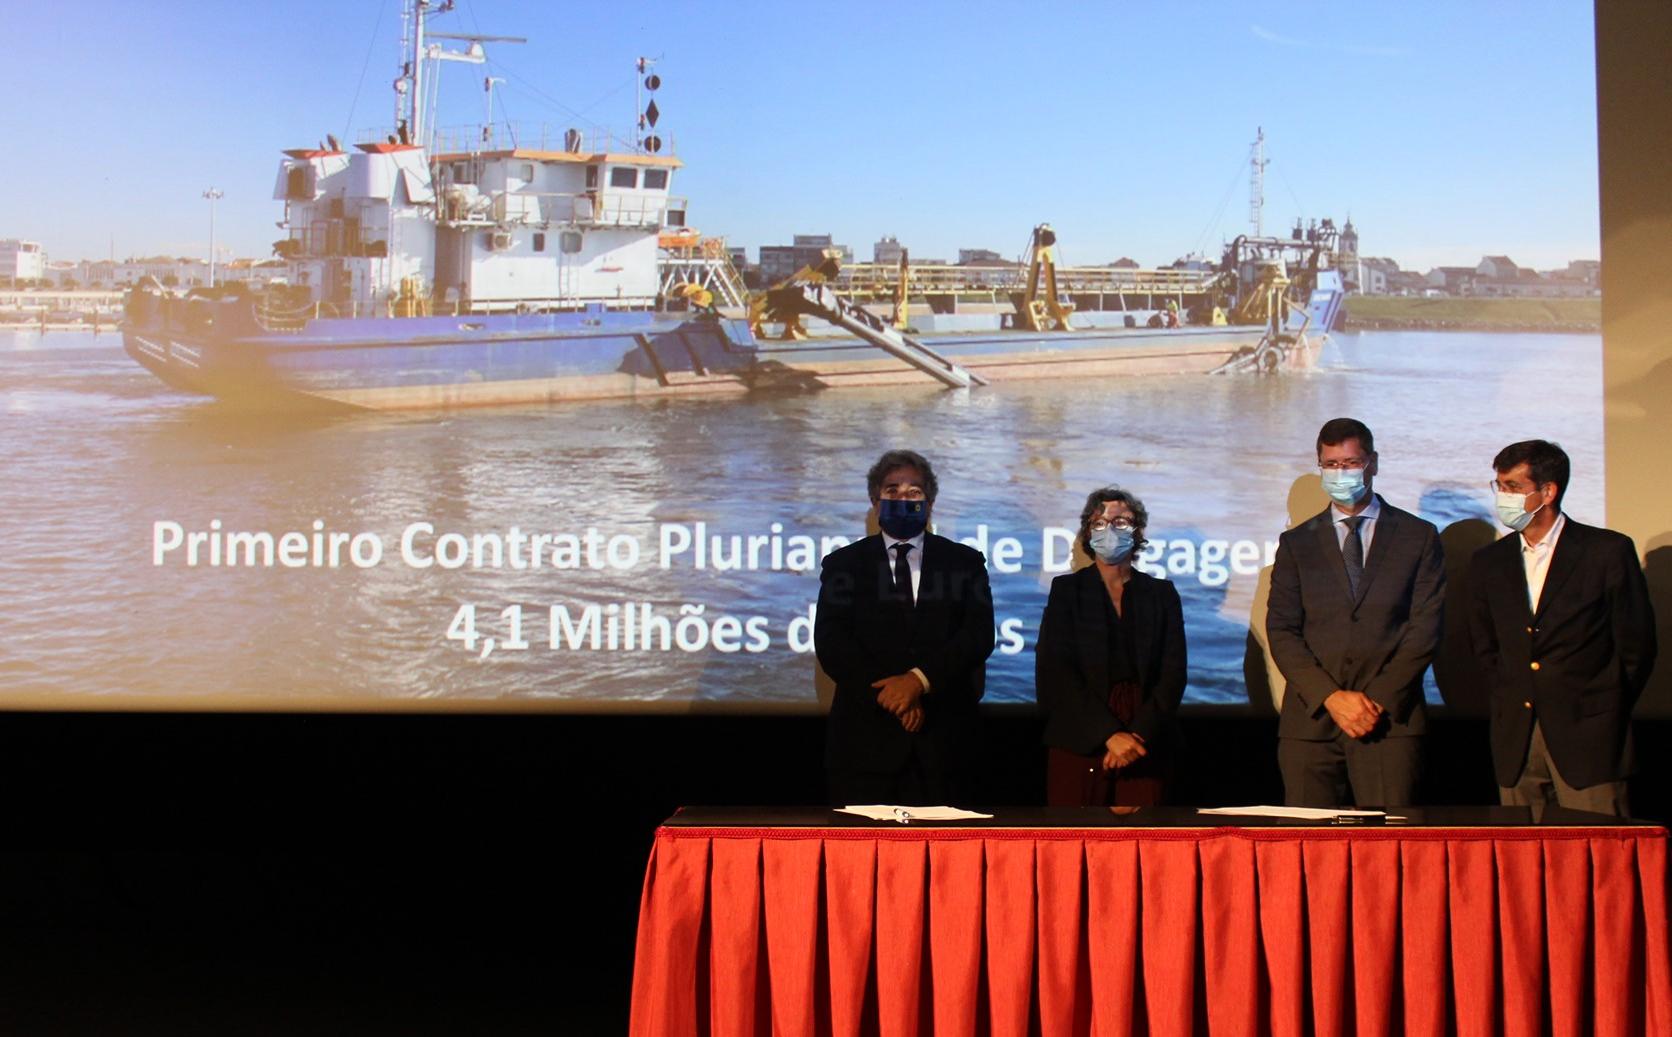 Governo liberta mais de 4 milhões em dragagens nos portos de Esposende, Âncora, Póvoa de Varzim e Vila do Conde